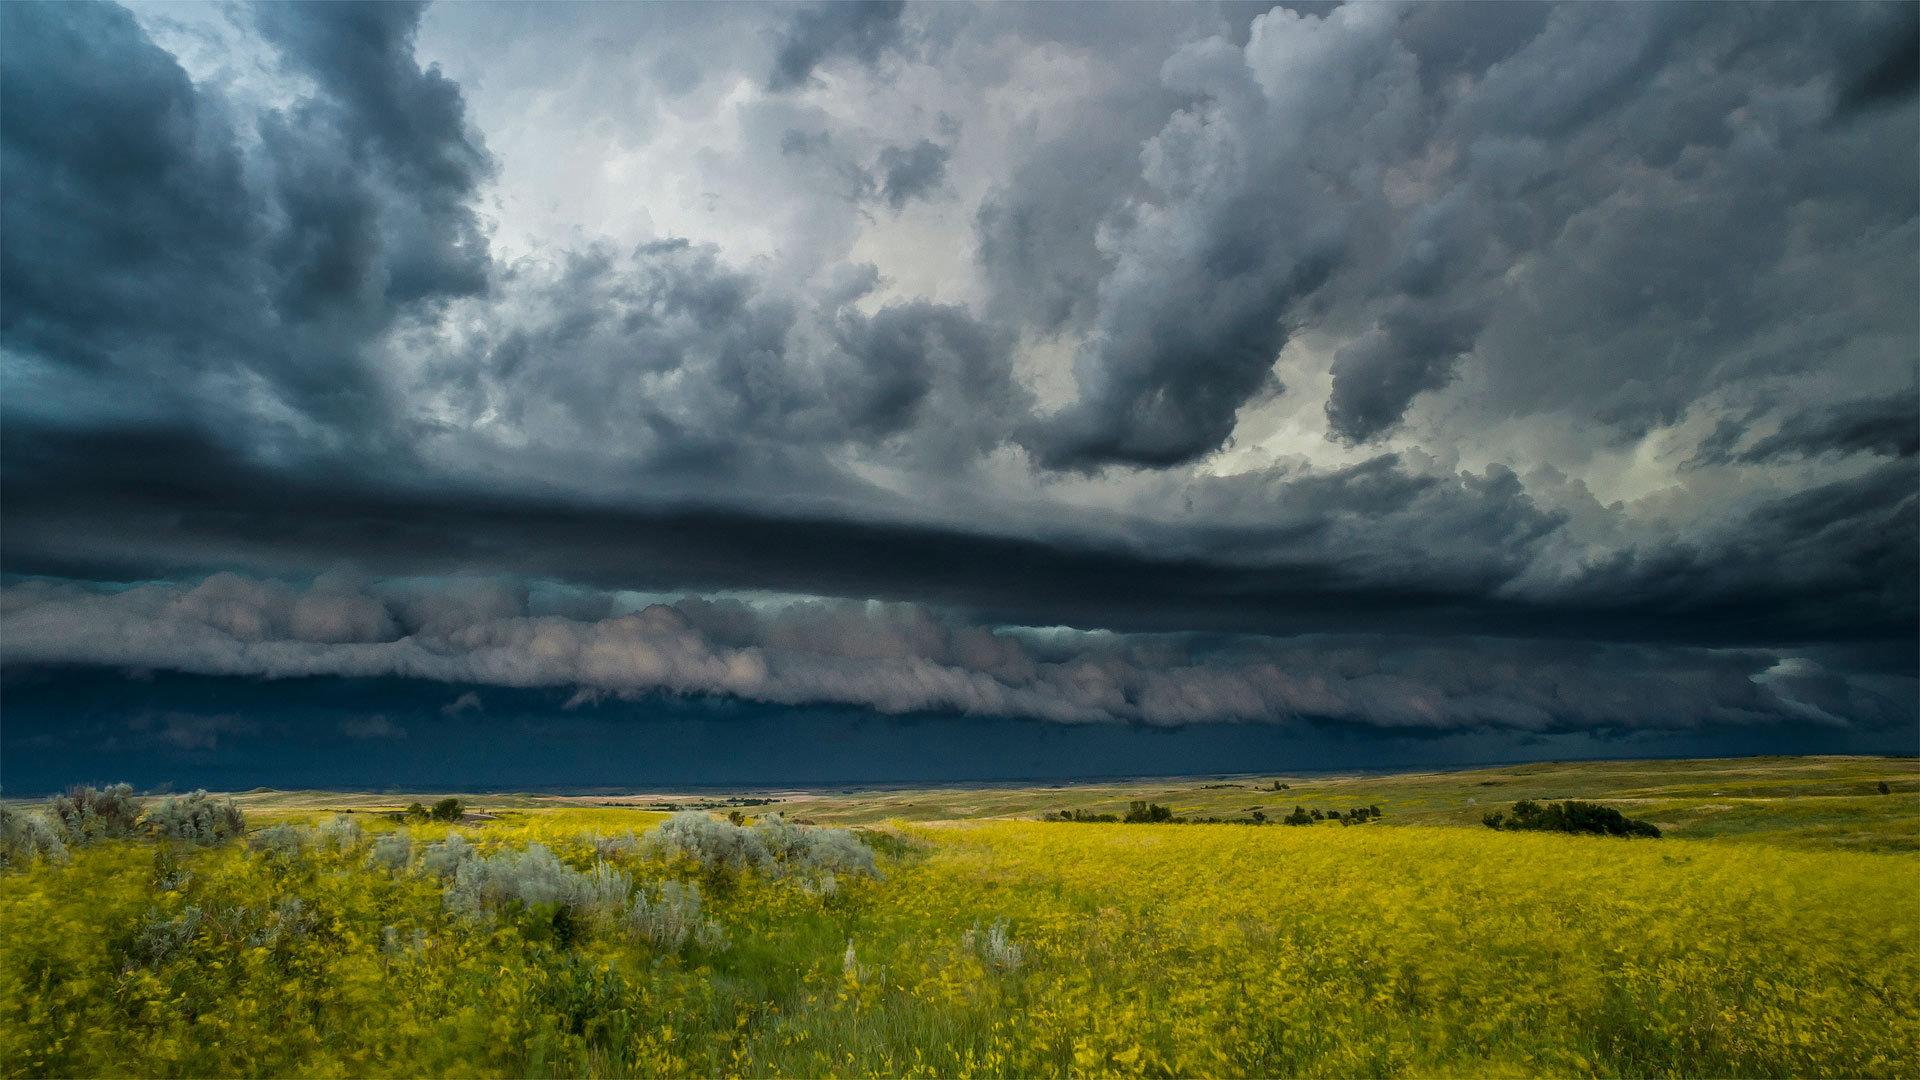 一场雷雨席卷西奥多·罗斯福国家公园